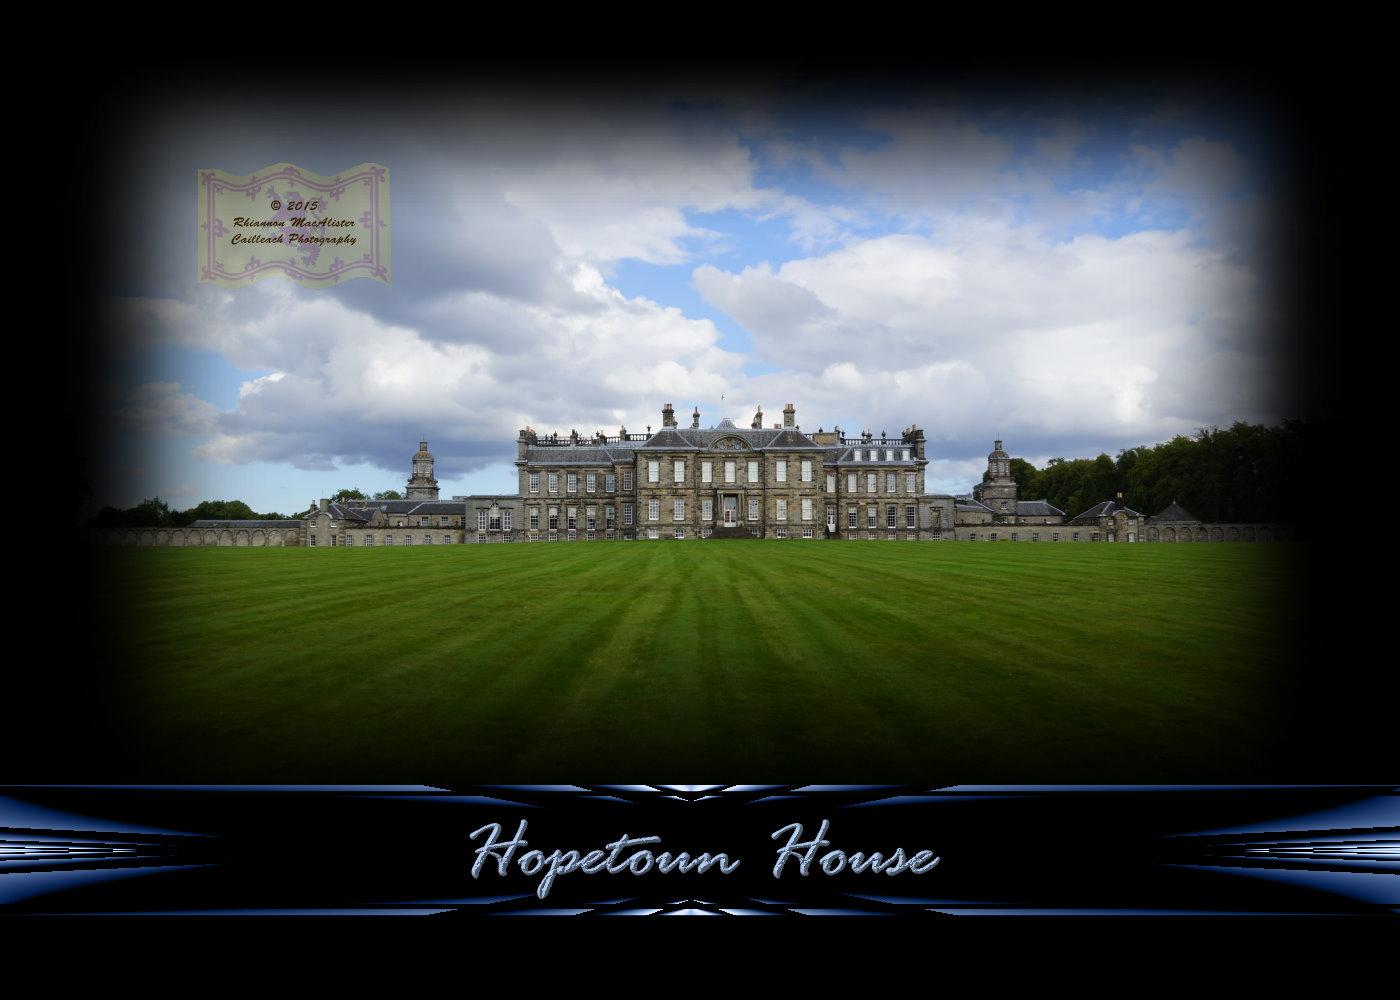 Hopetoun House